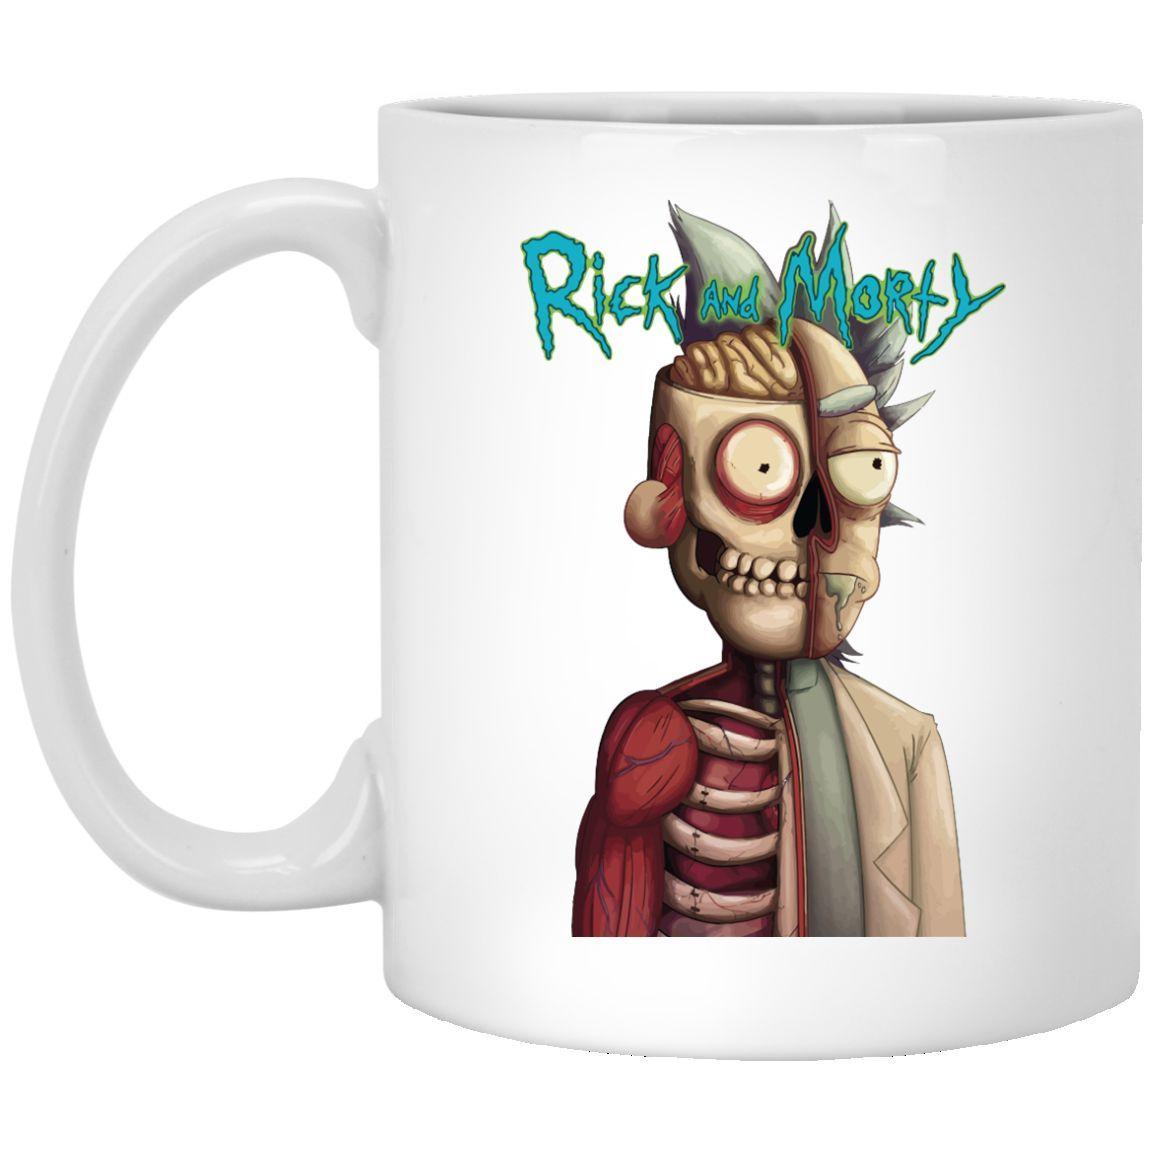 Rick & morty1-01 11 oz. Mug